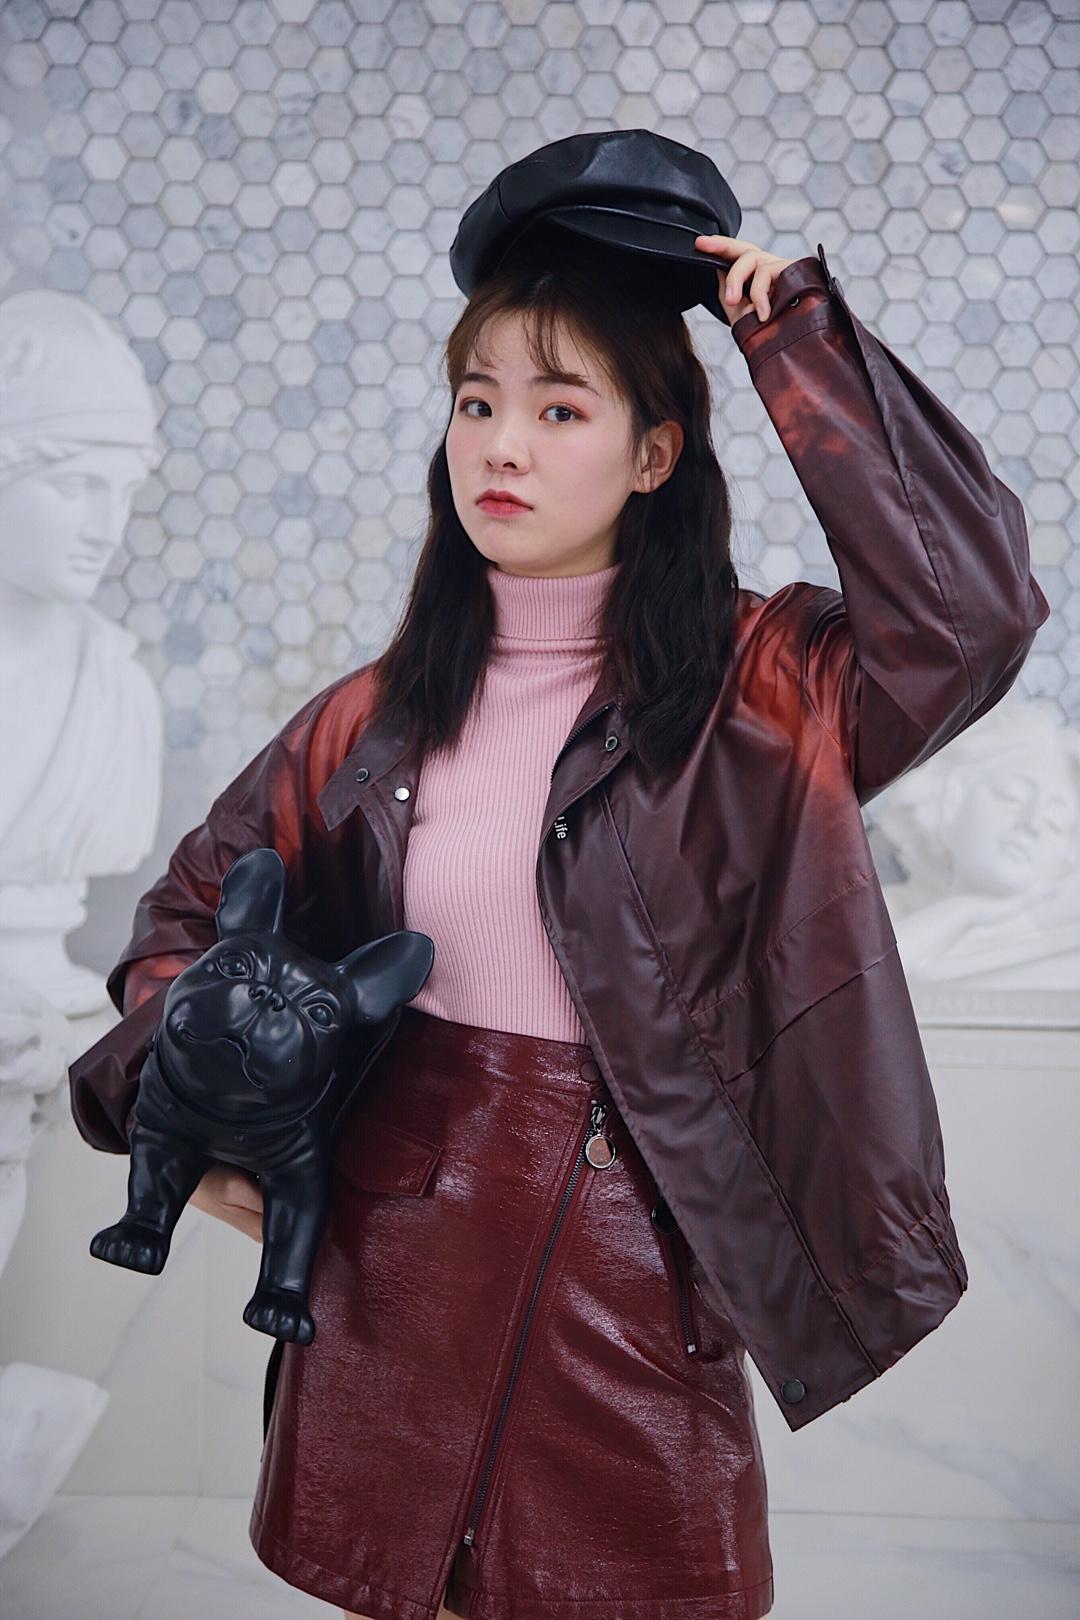 【本命年穿搭❤️】 #本命年的红,这样穿才好看~# 这件猪血红的皮质简直不要太好看,还是高温面料的哦!手摸过的地方颜色就会变淡,高科技了! 搭配皮裙也是很酷了!加件保暖的高领毛衣打底,妈妈就不会说你穿的少啦!